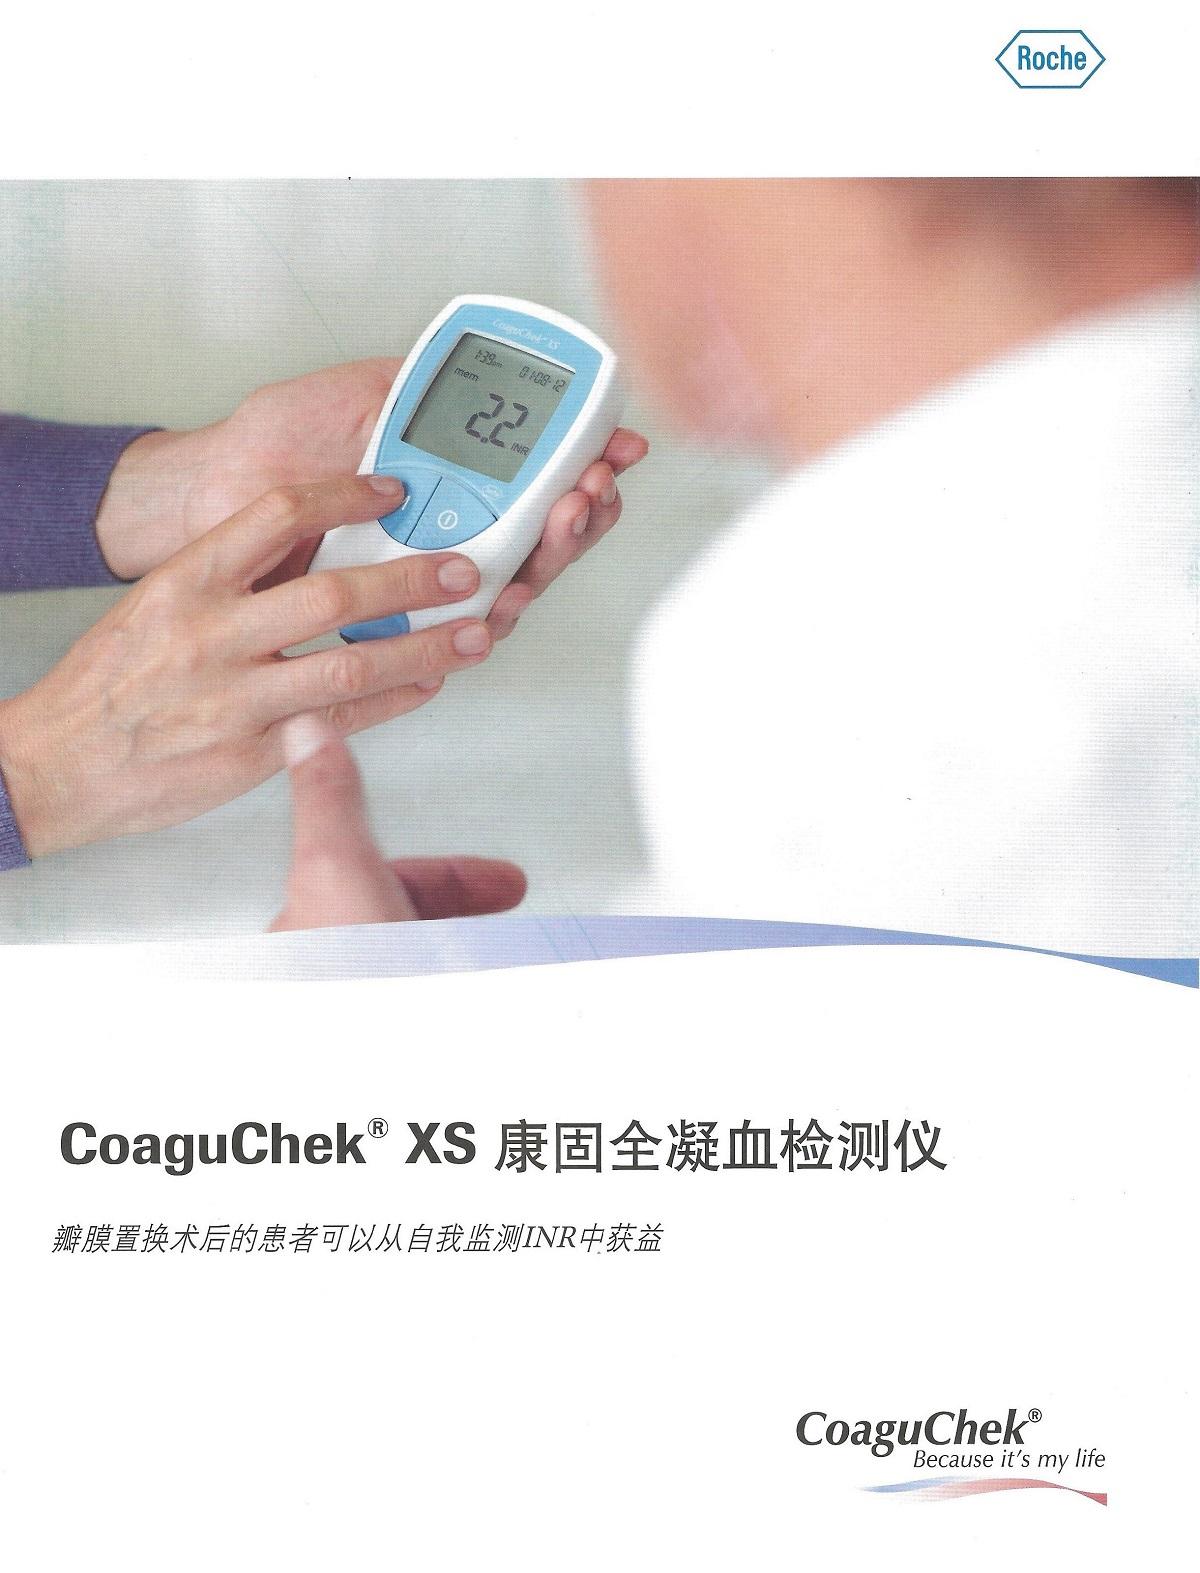 Roche康固全凝血检测仪